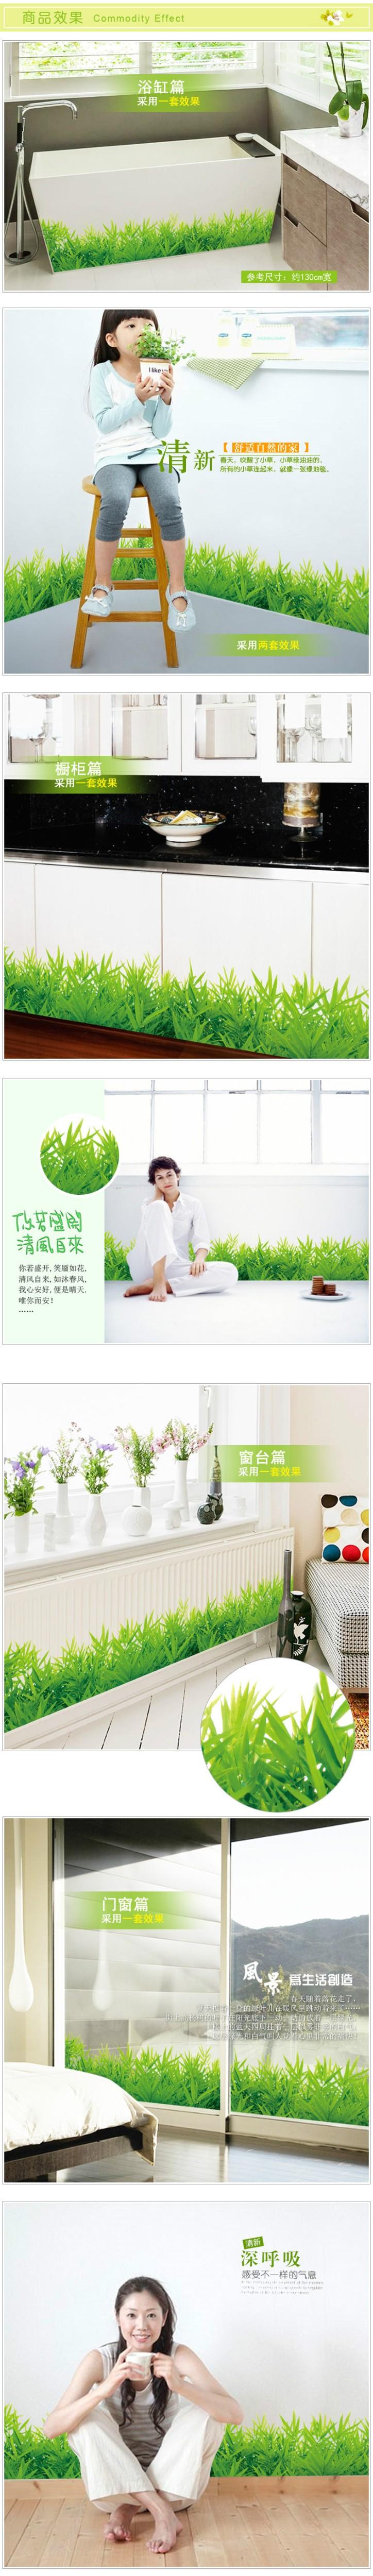 HTB124qdKXXXXXXOXXXXq6xXFXXXv - * 3D Fresh green grass baseboard PVC Wall Stickers Skirting kids living Room bedroom Bathroom Kitchen nursery balcony home decor